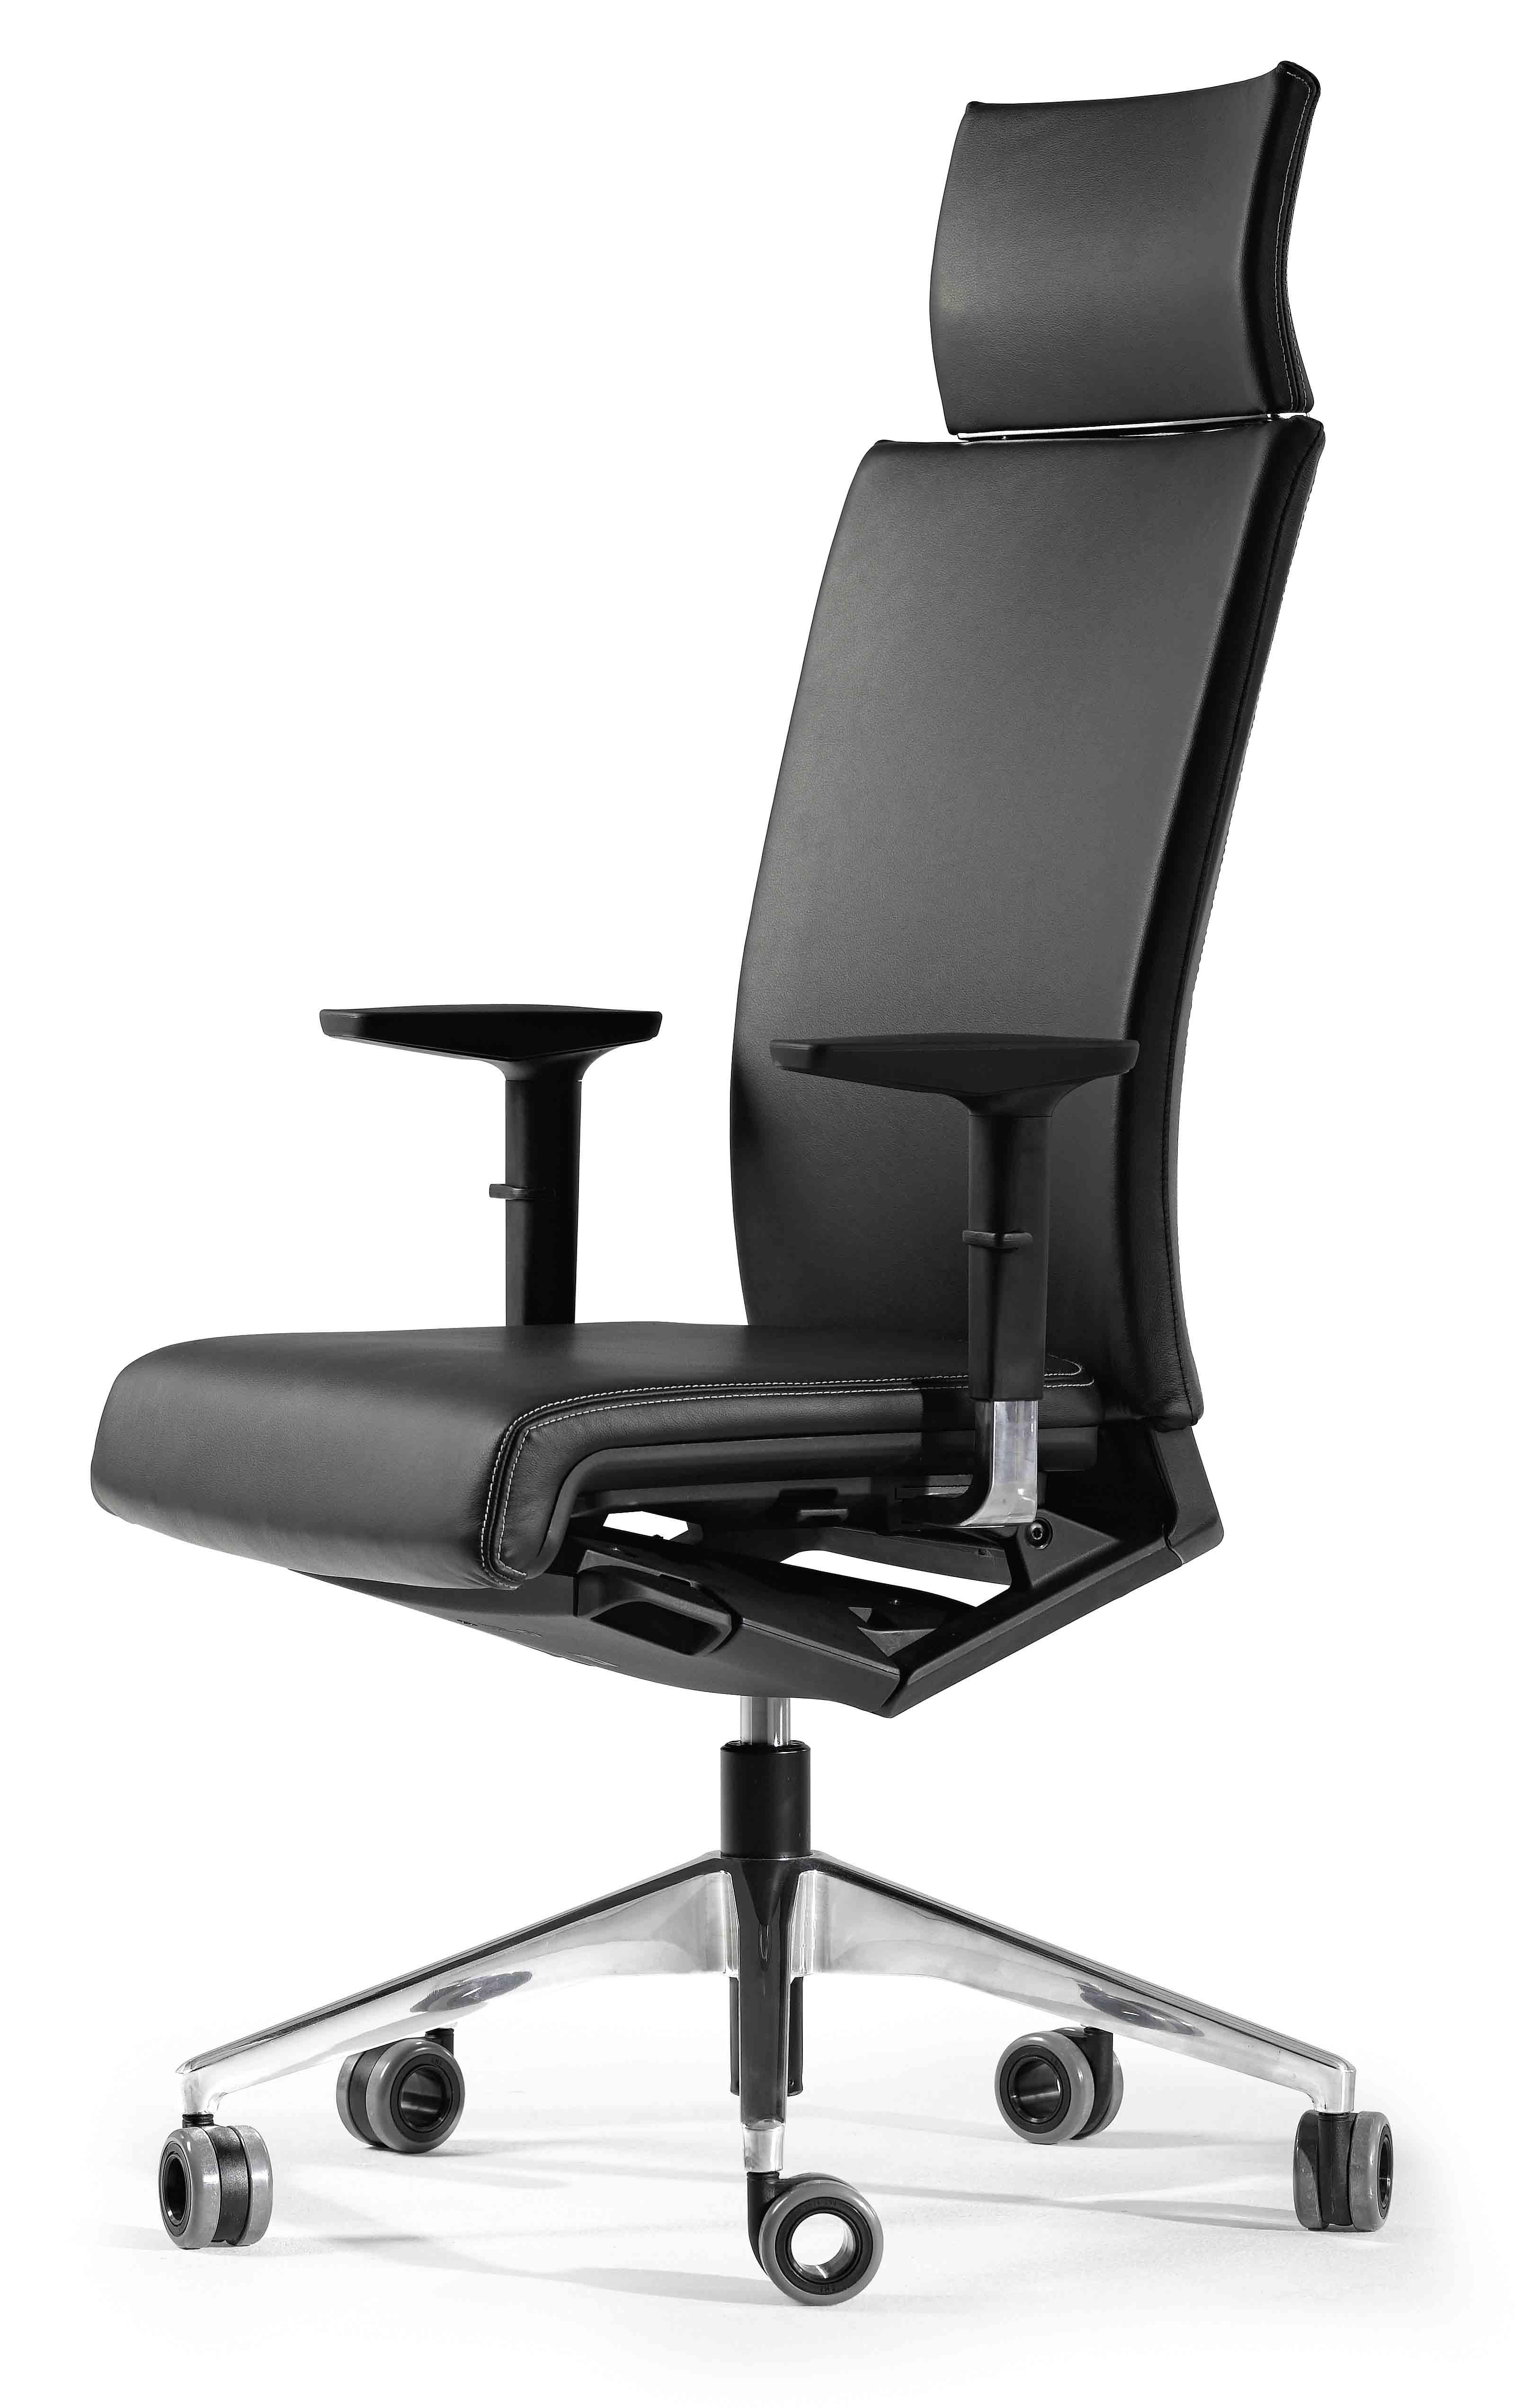 Sillas para escritorio winner muebles de oficina spacio for Silla de escritorio precio